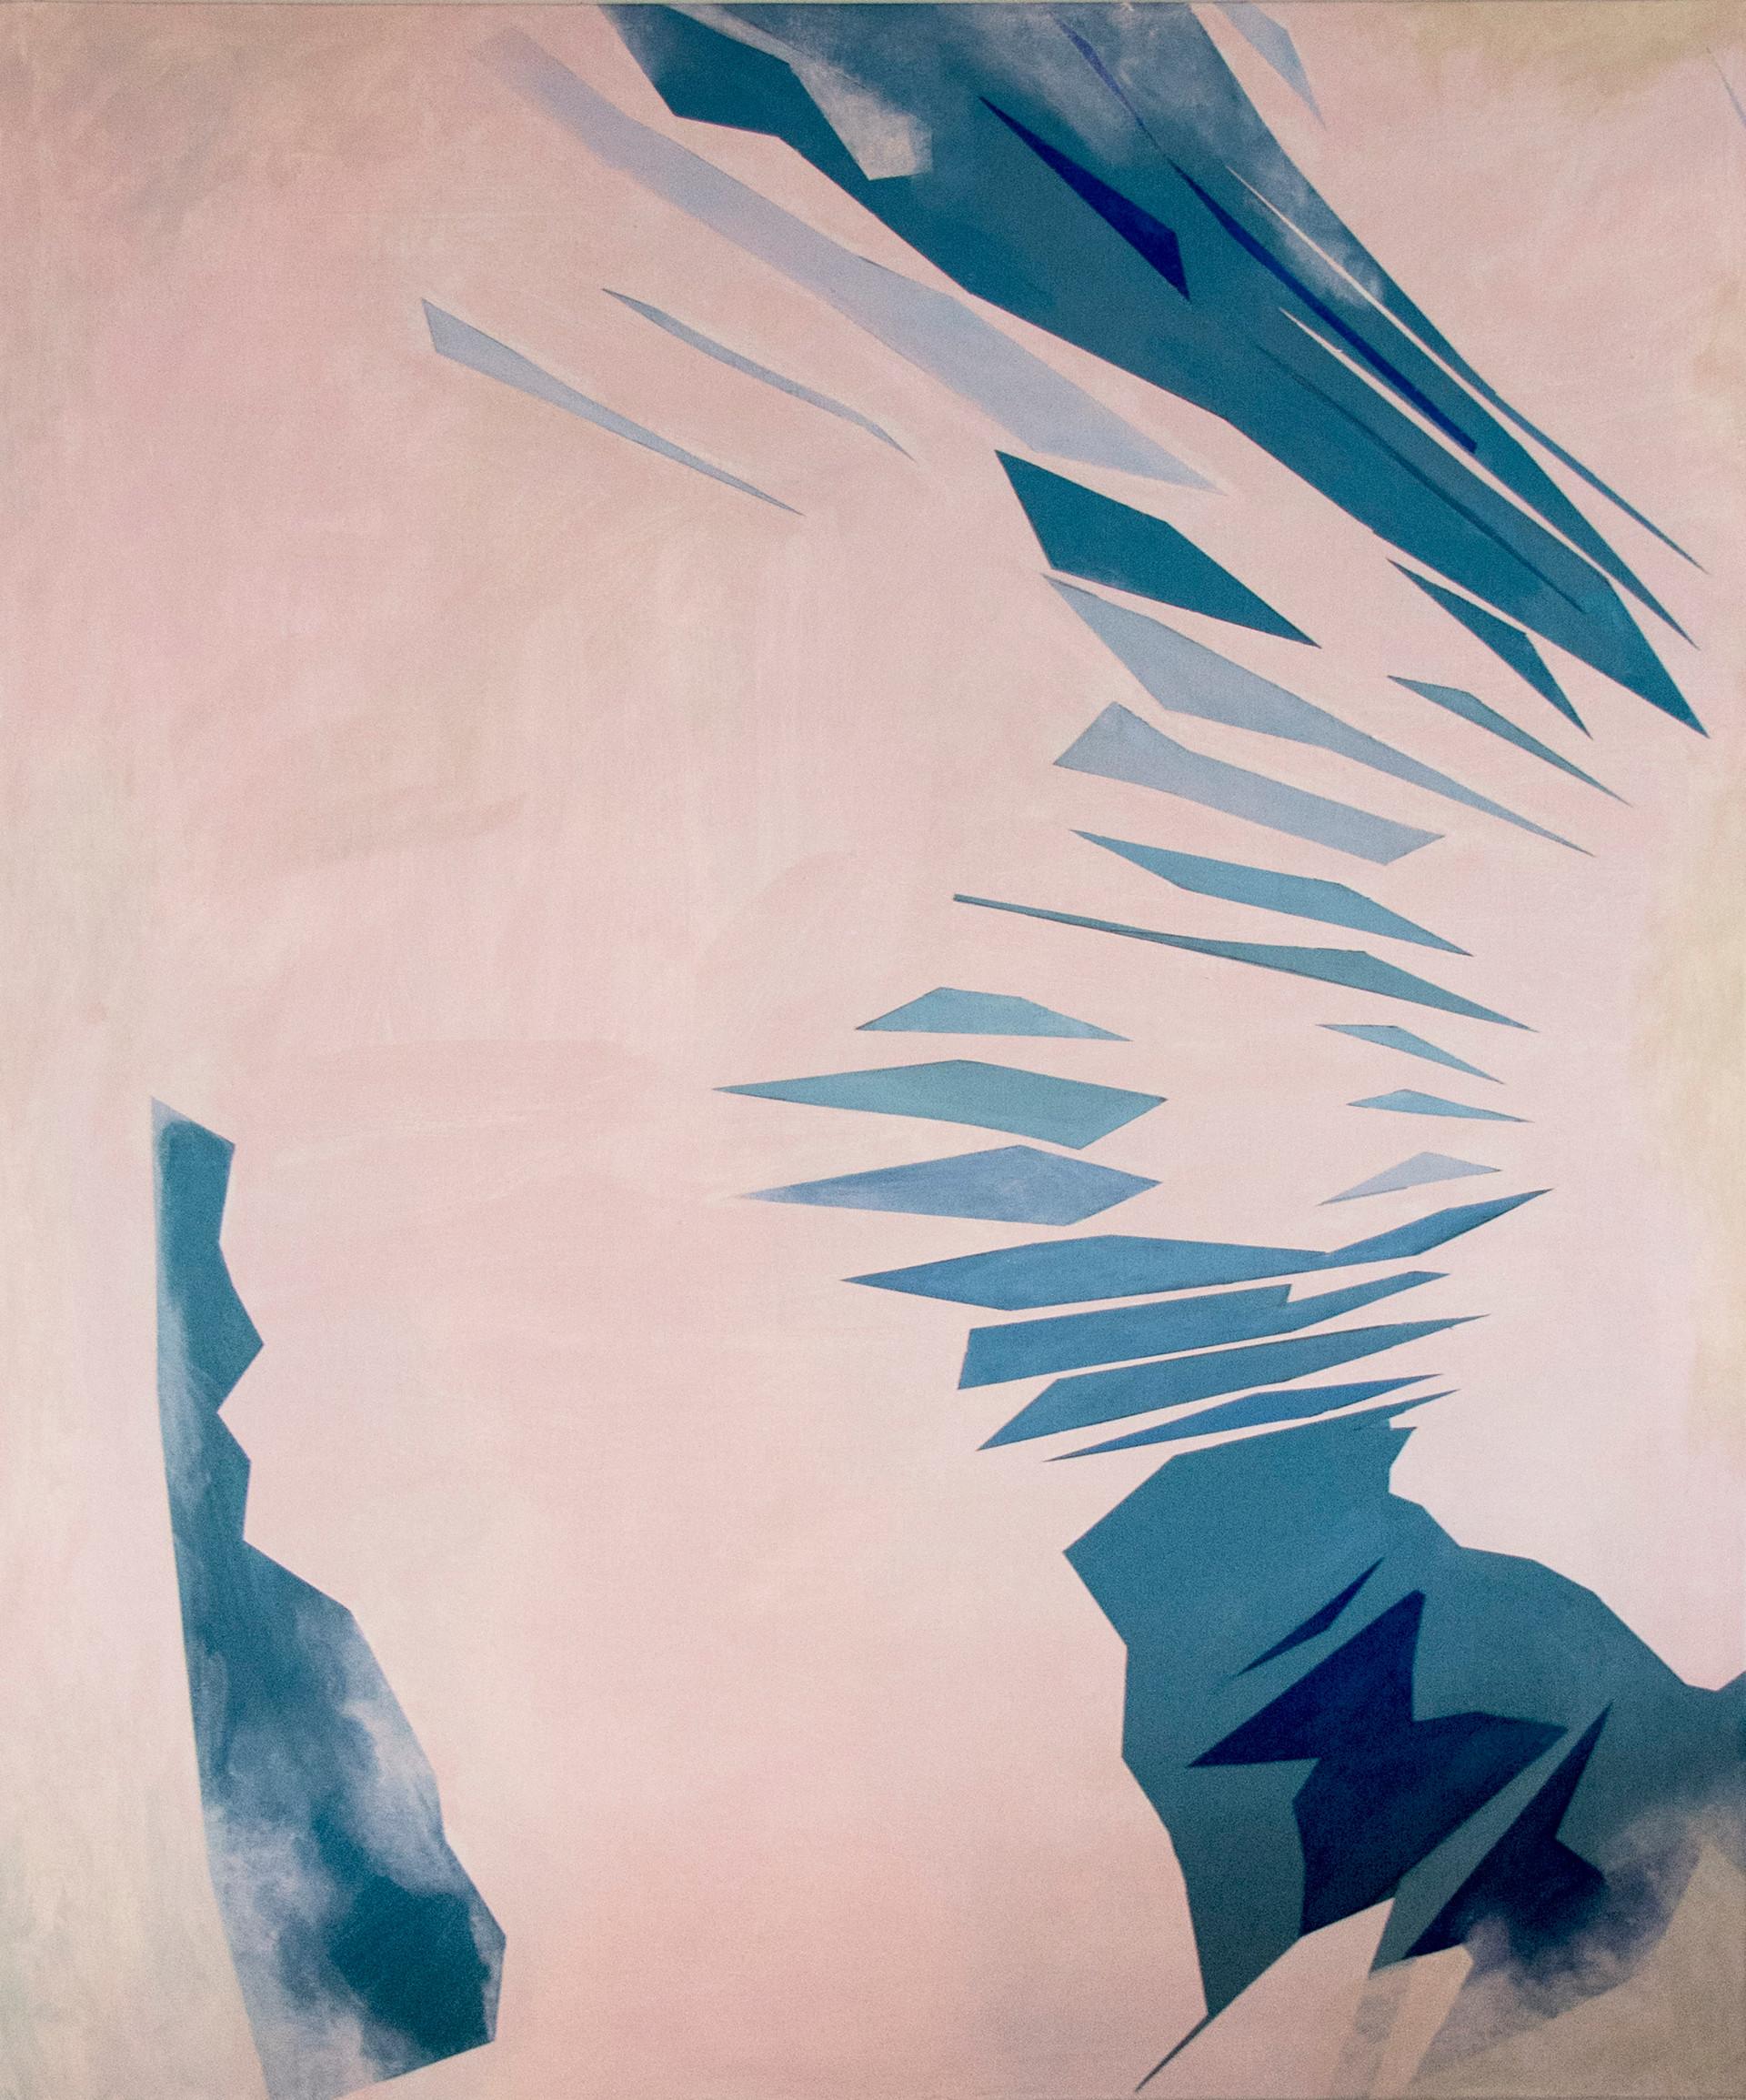 Winged